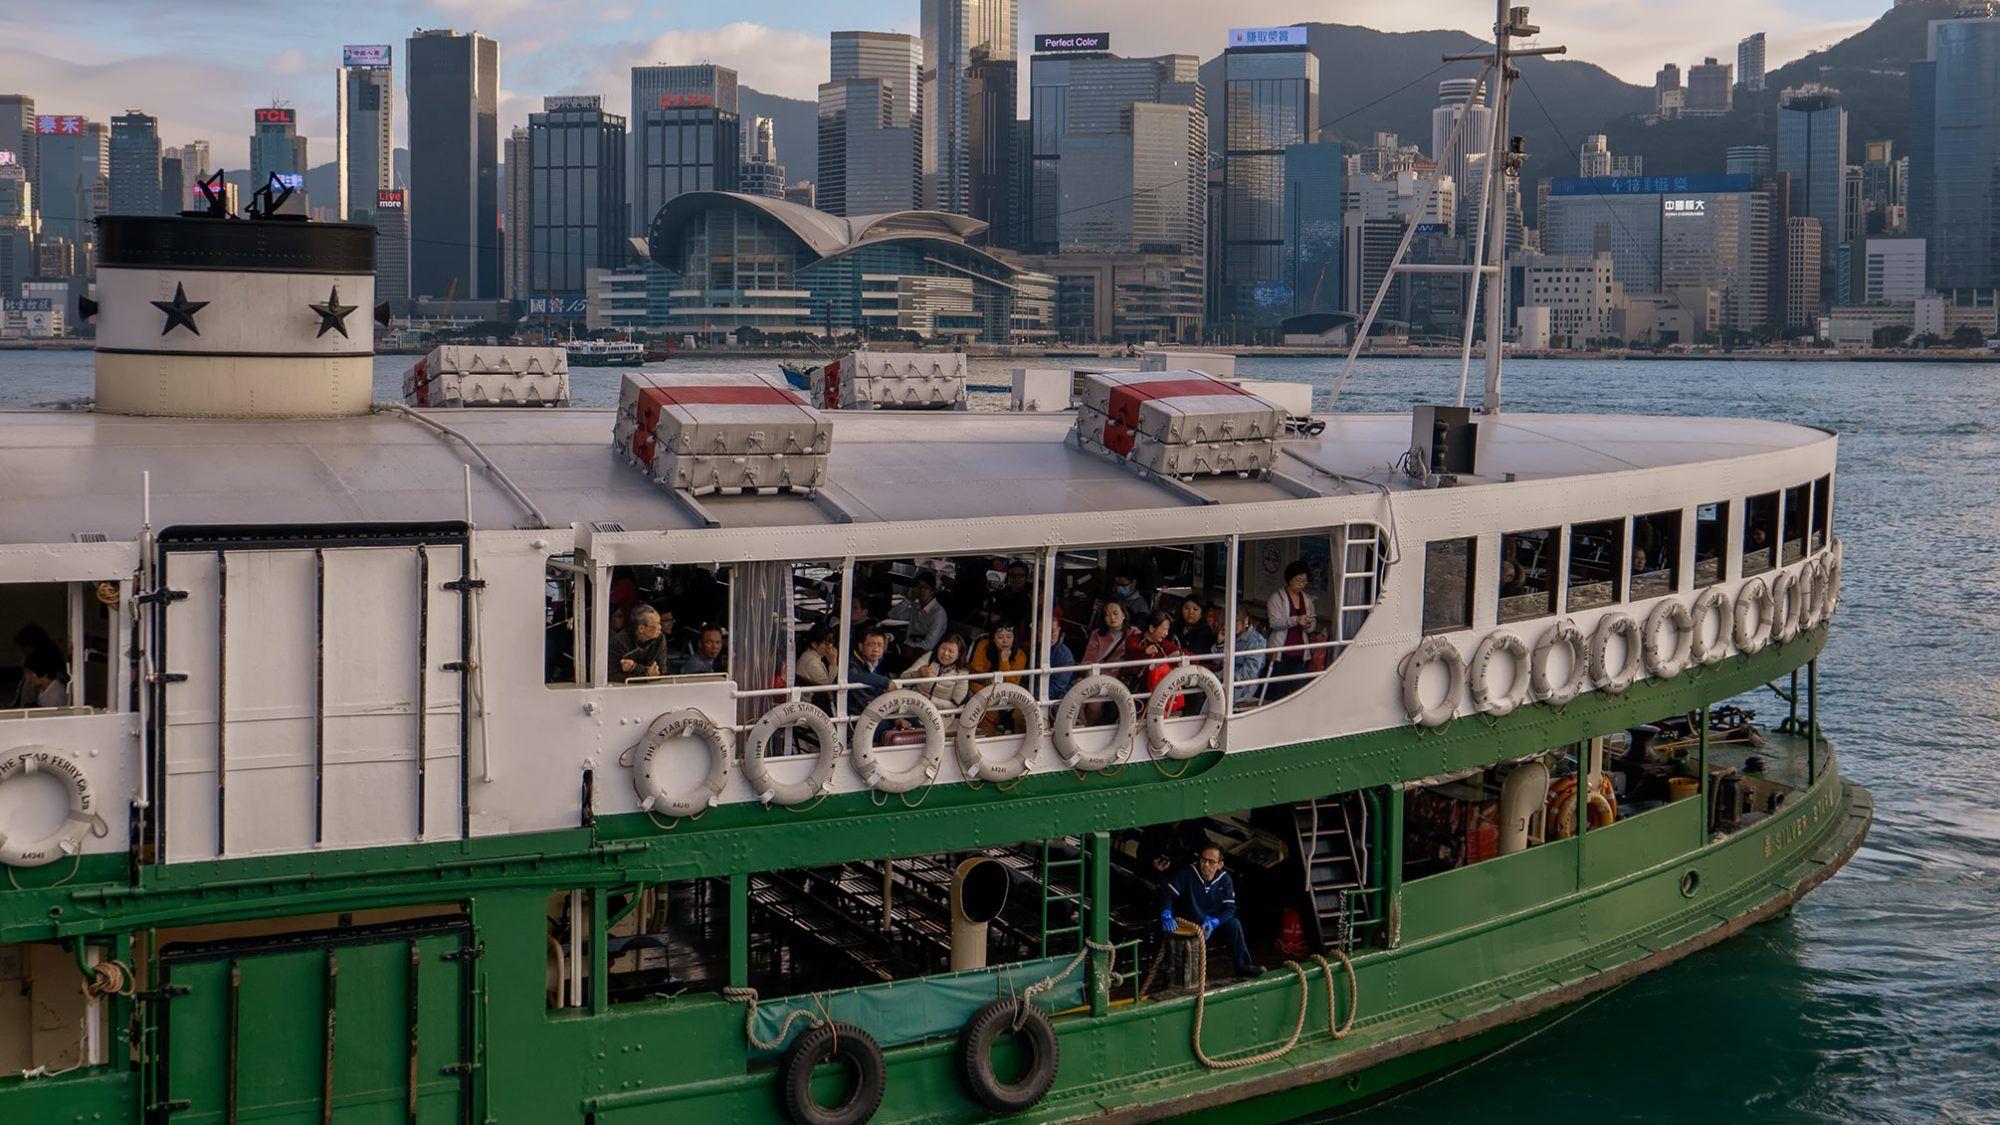 star island ferry